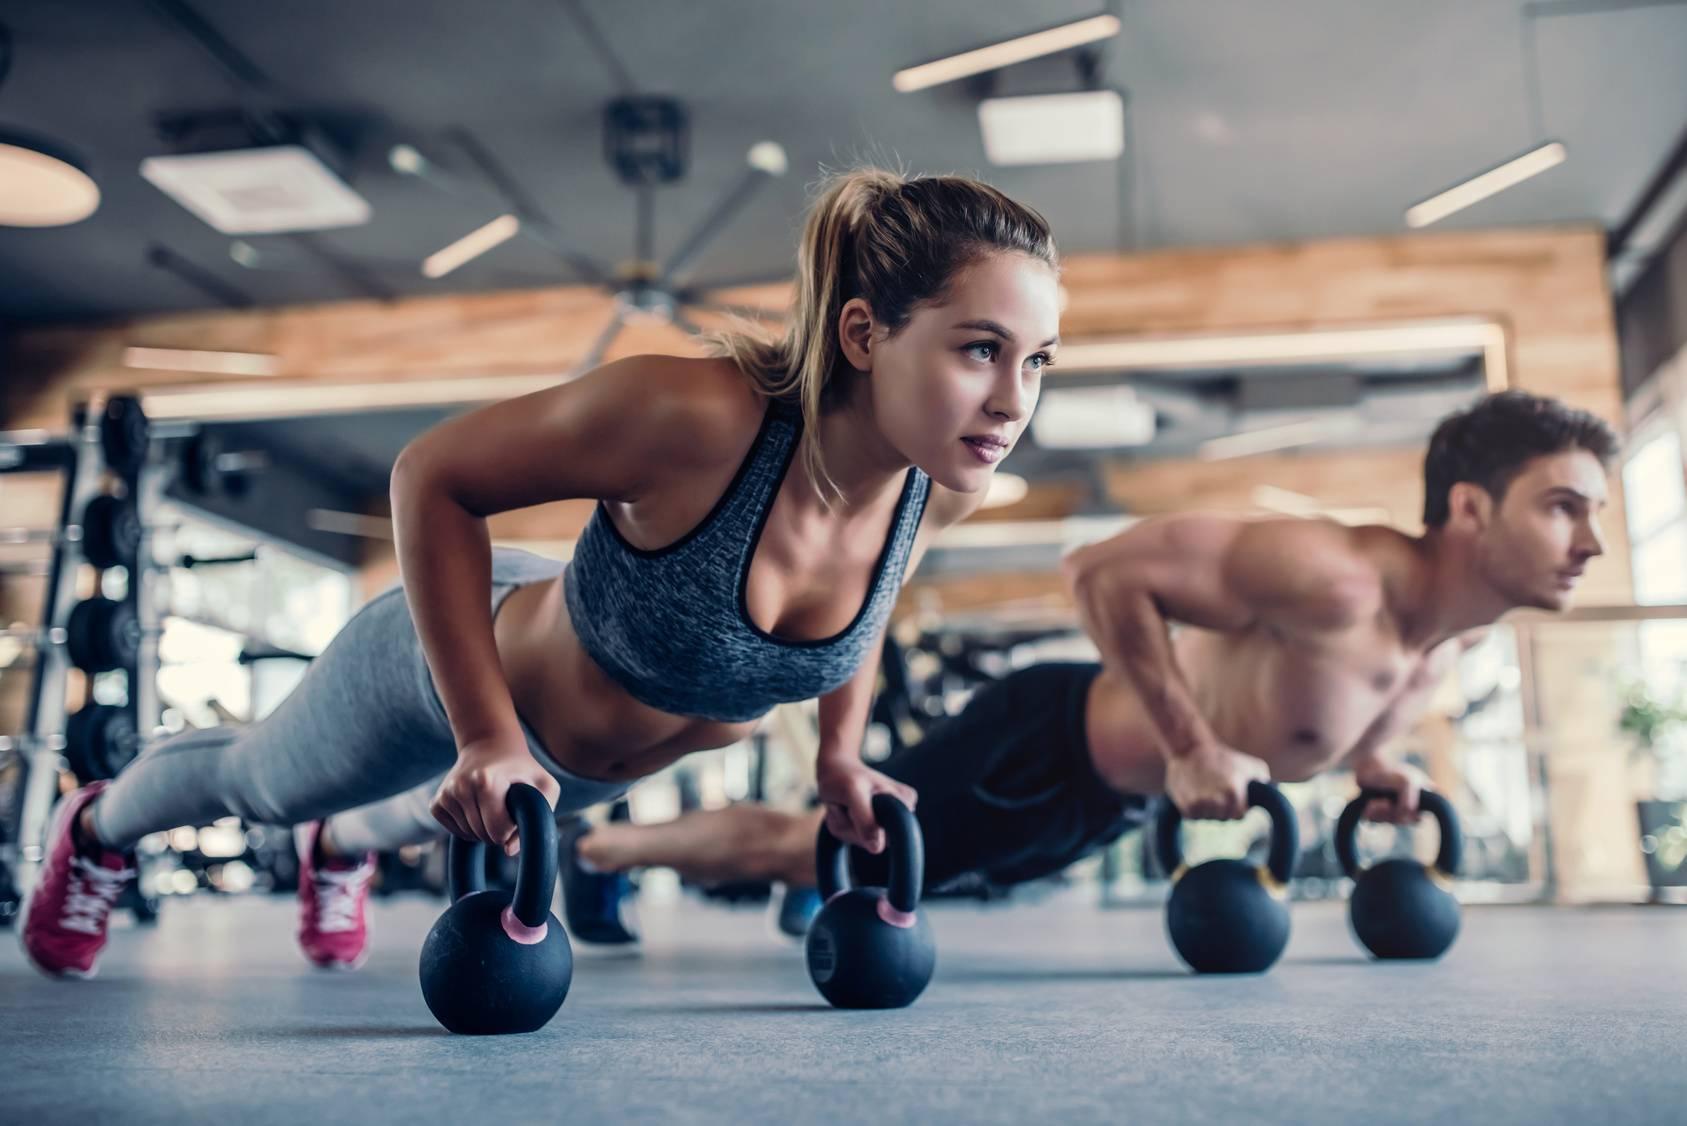 Sprawdź ćwiczenia płaski na brzuch. Kobieta i mężczyzna wykonują trening siłowy na siłowni.